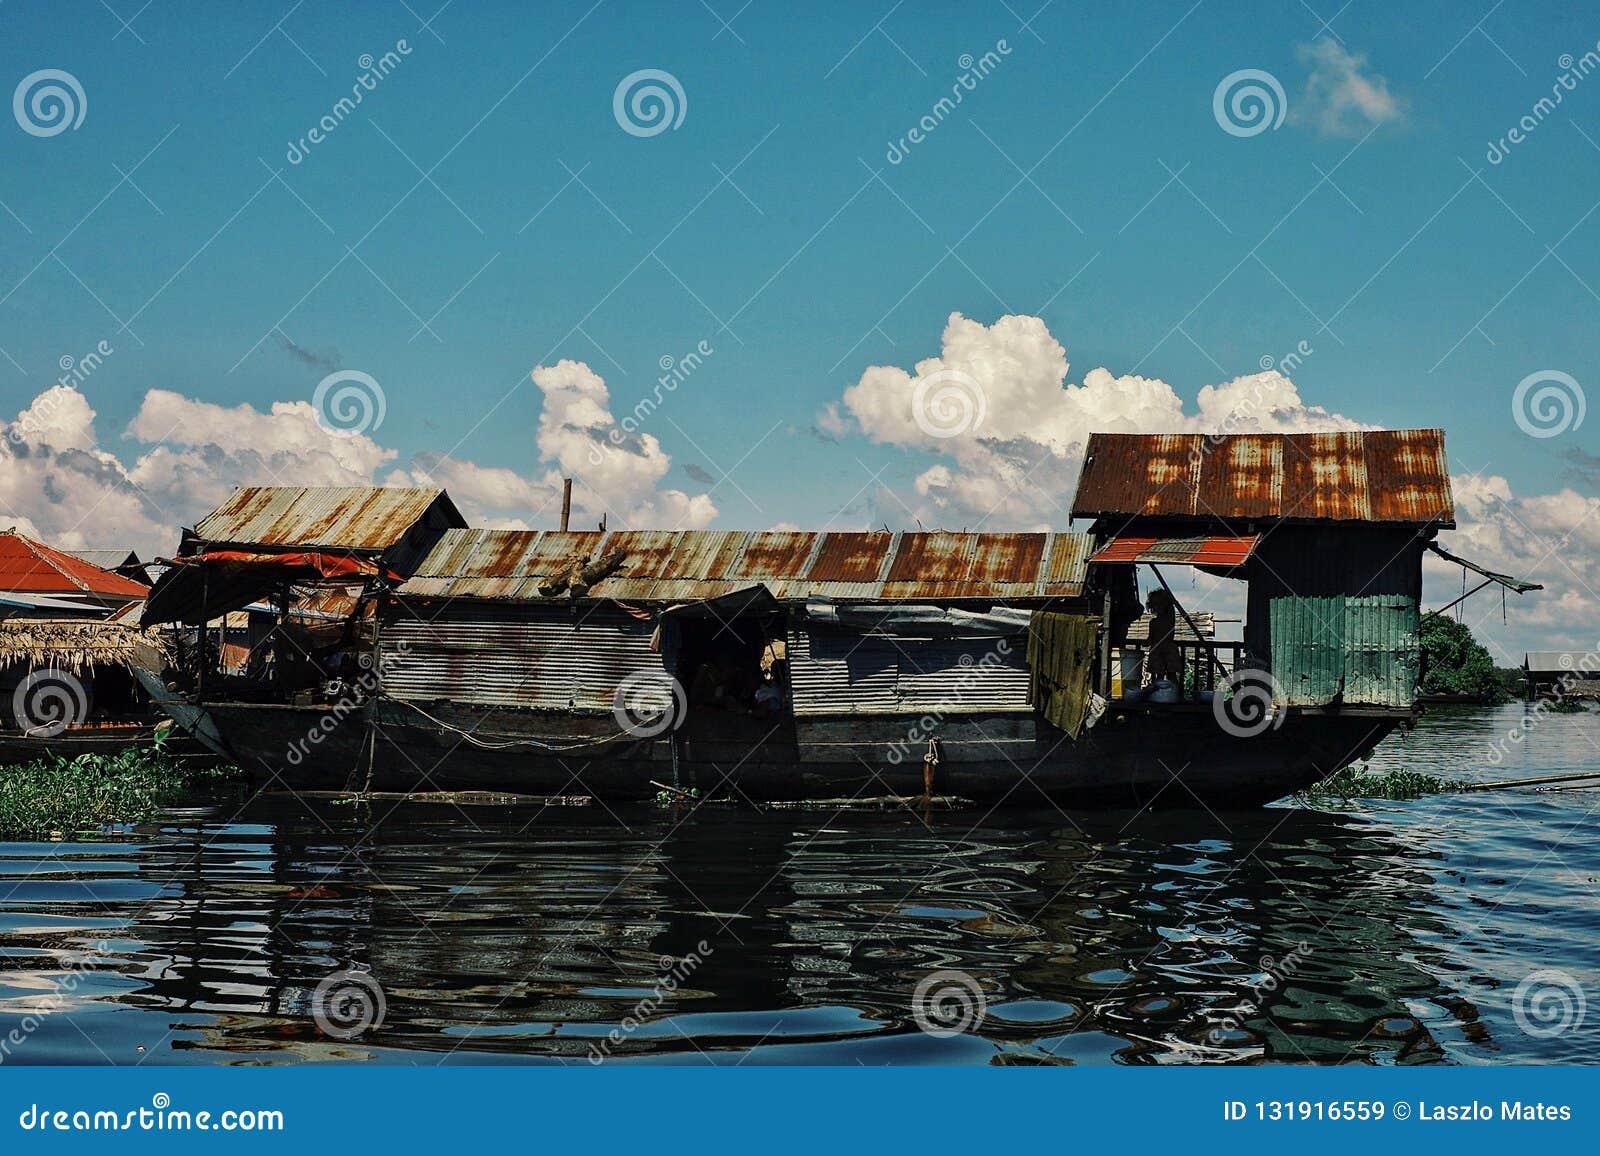 Tillfälligt sväva fartyg som husbyggnad i mitt av den översvämmade sjön